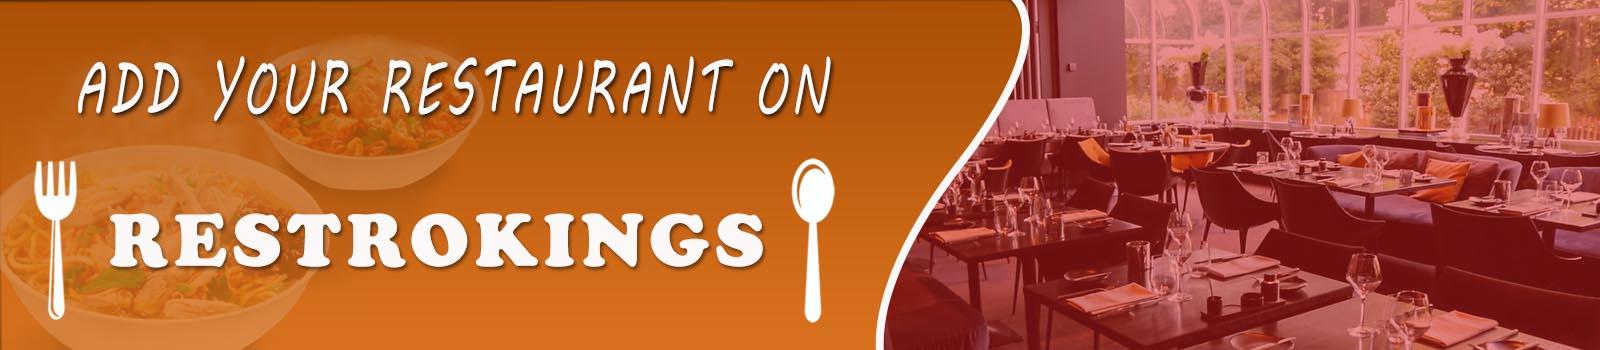 Add Your Restaurant